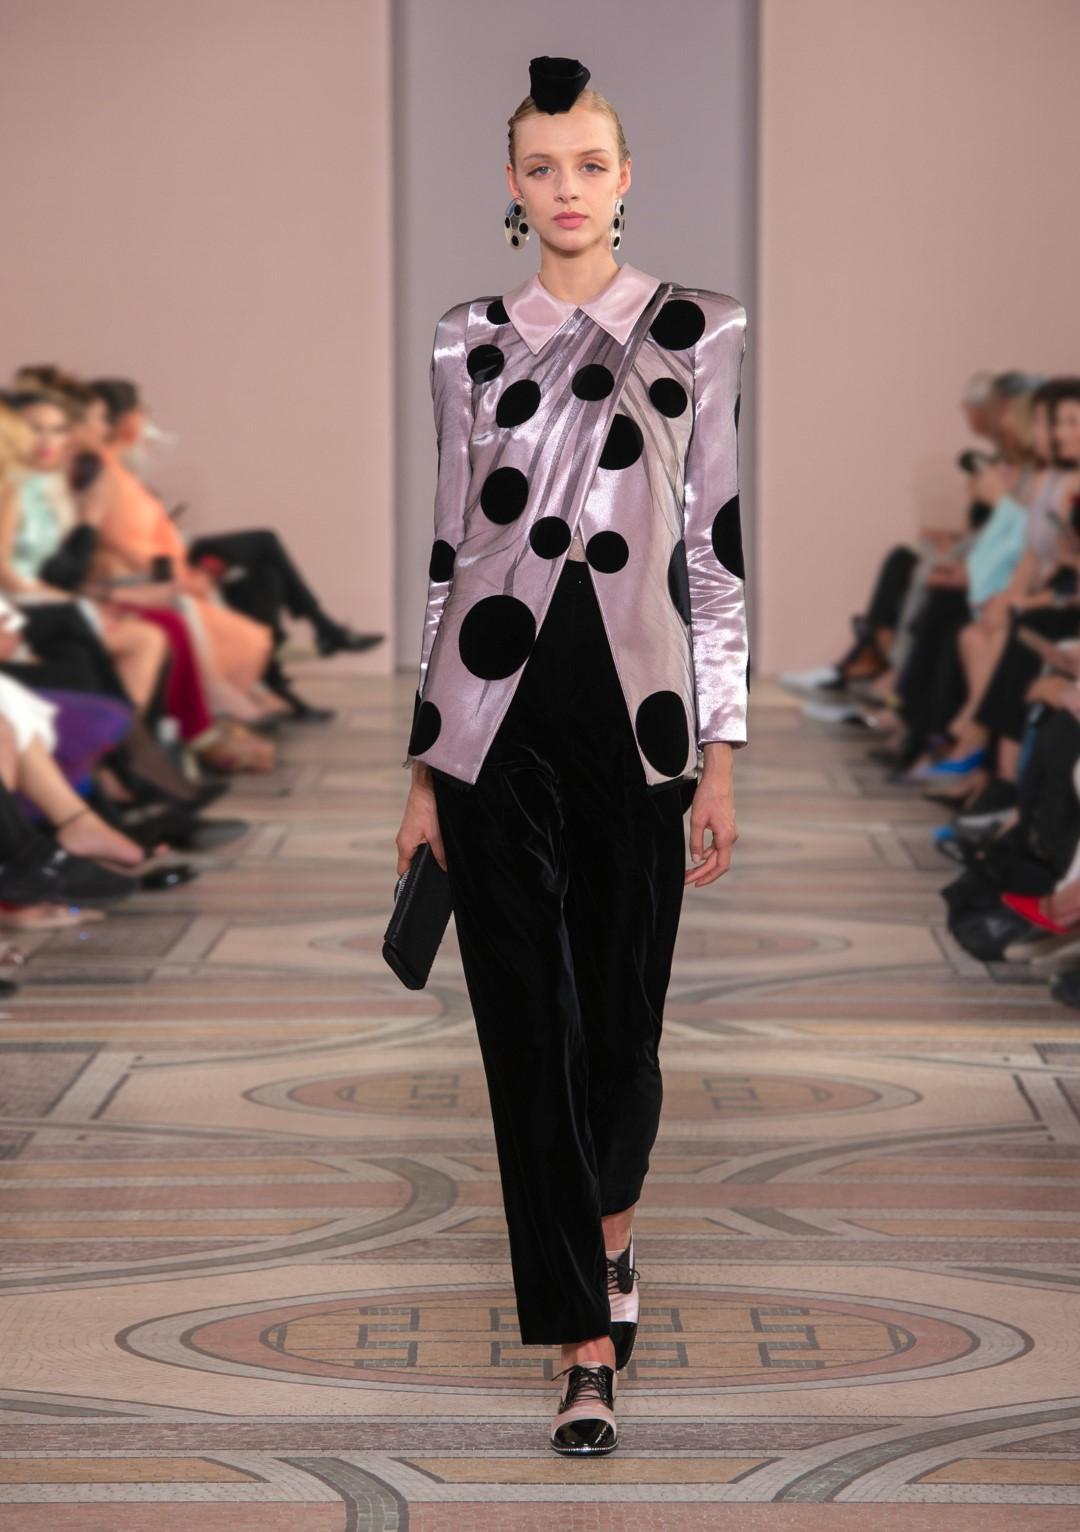 Moda: abiti di luce per Armani, la donna 'intellettuale' di Chanel